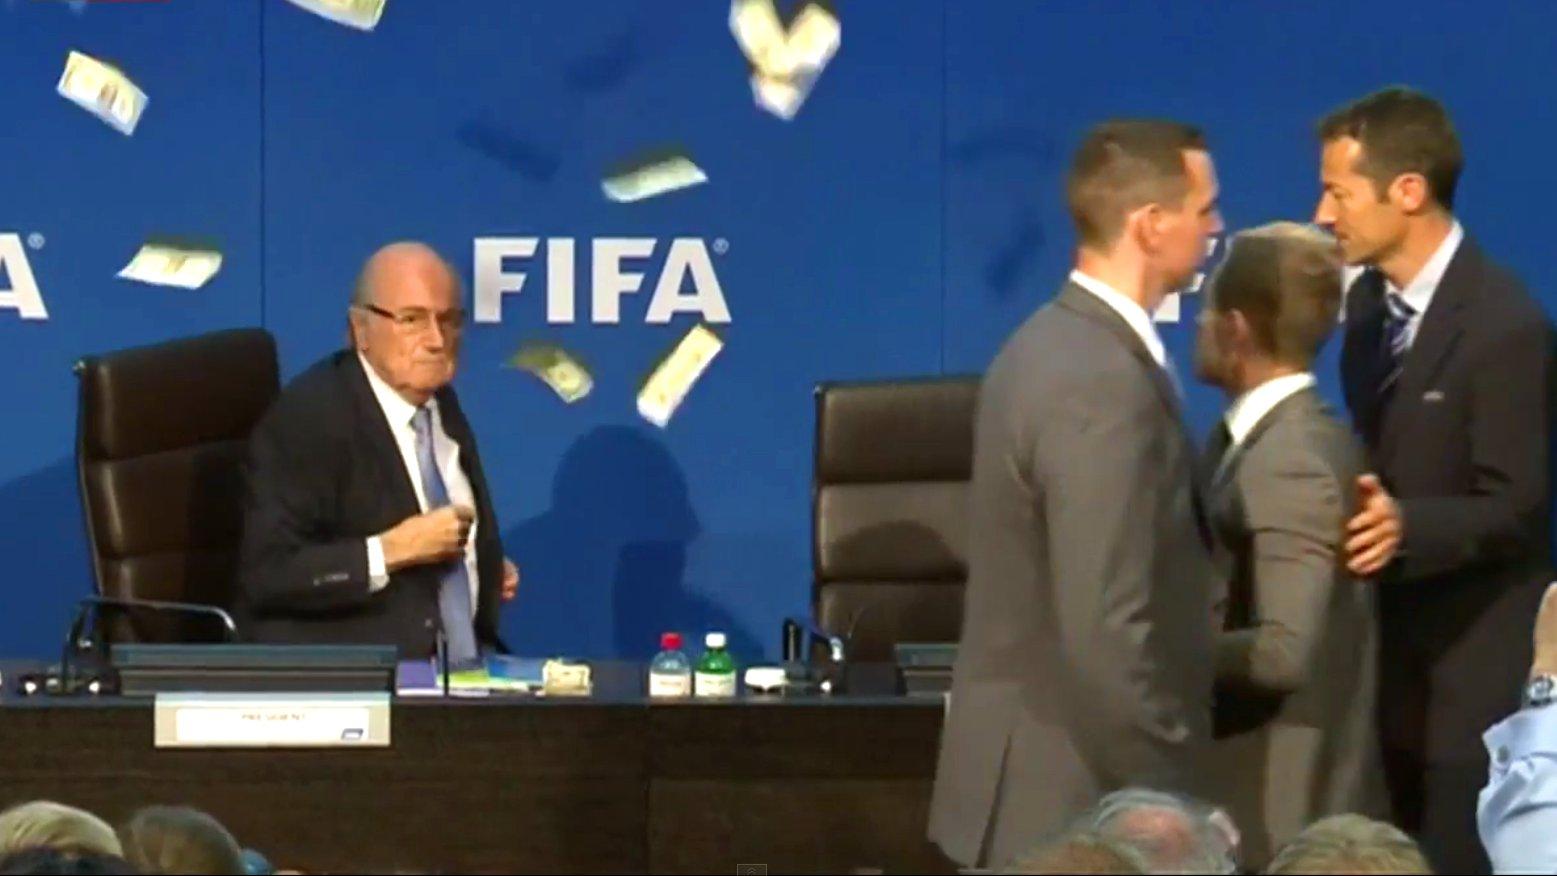 FIFA-Präsident Sepp Blatter erhält einen Geldregen von Lee Nelson, 2015.